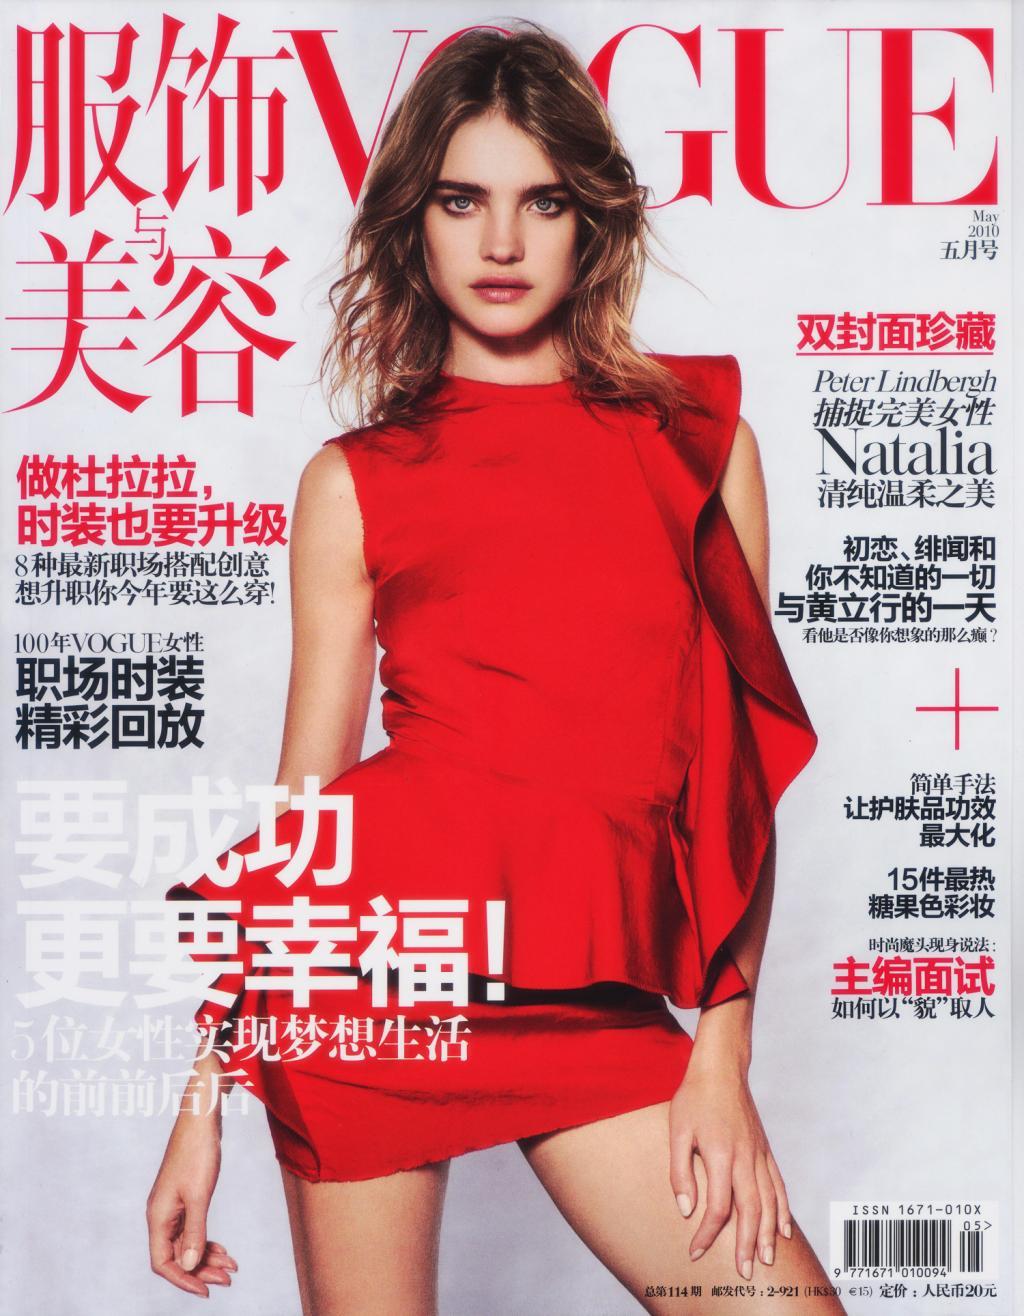 http://4.bp.blogspot.com/_aBZm-R5HKEM/S80TKbULi8I/AAAAAAAAF9U/G2FweTBzsmM/s1600/Natalia+Vodianova+Vogue+China+2.jpg